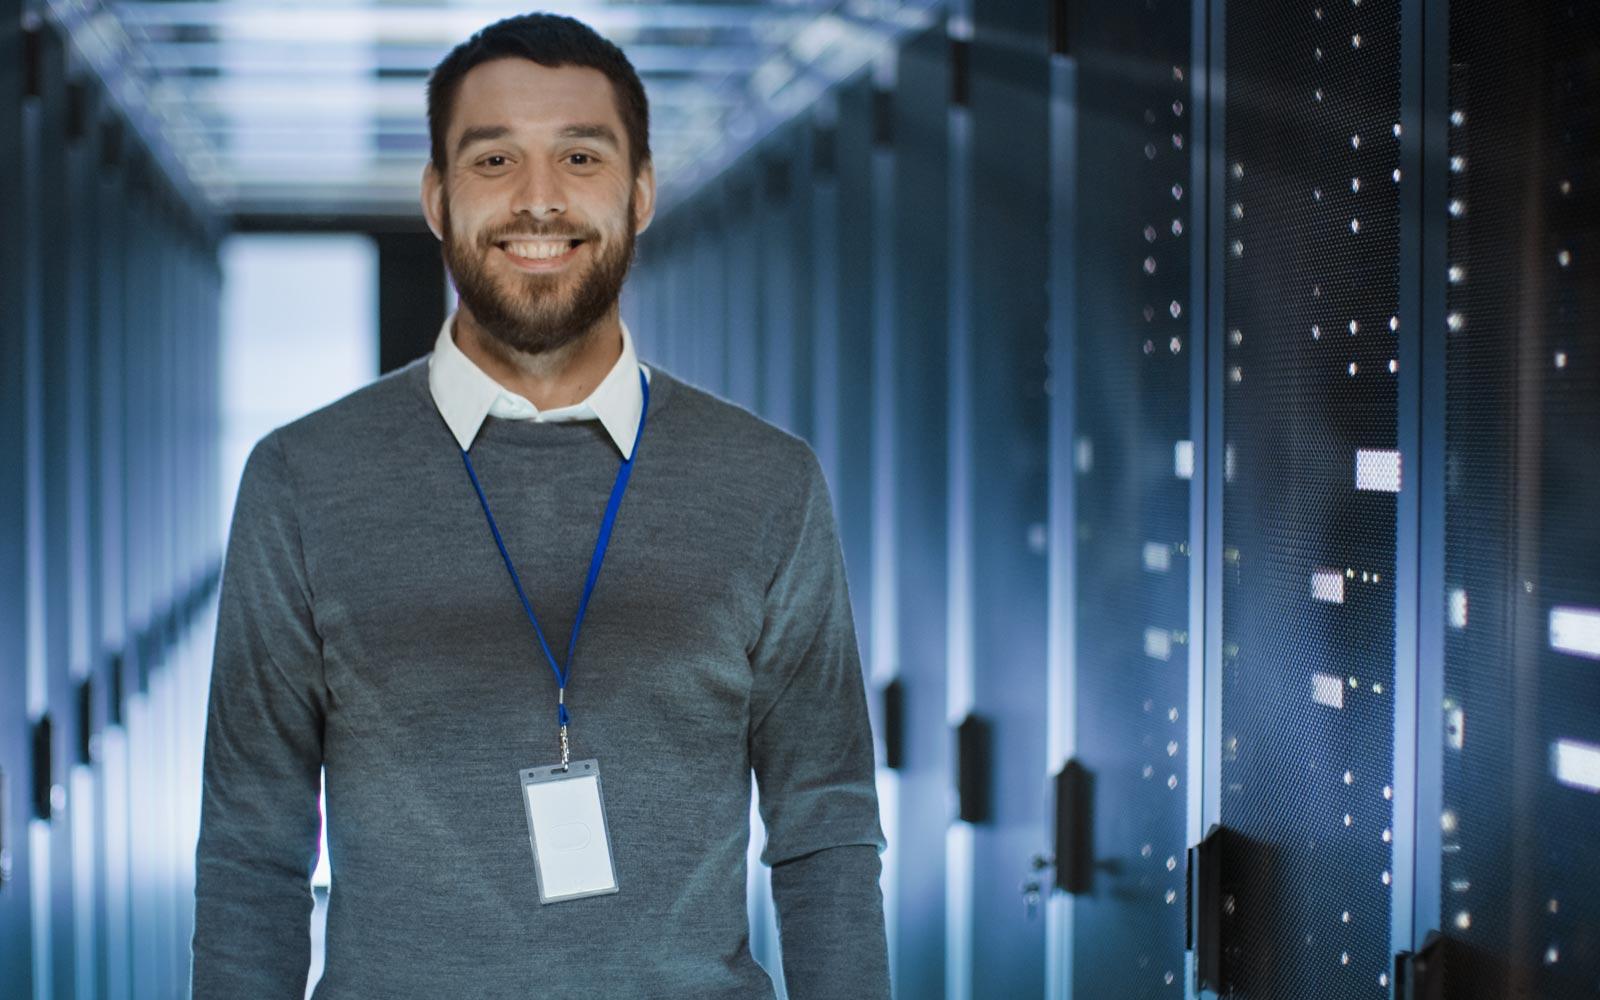 Cloud technician standing in server room